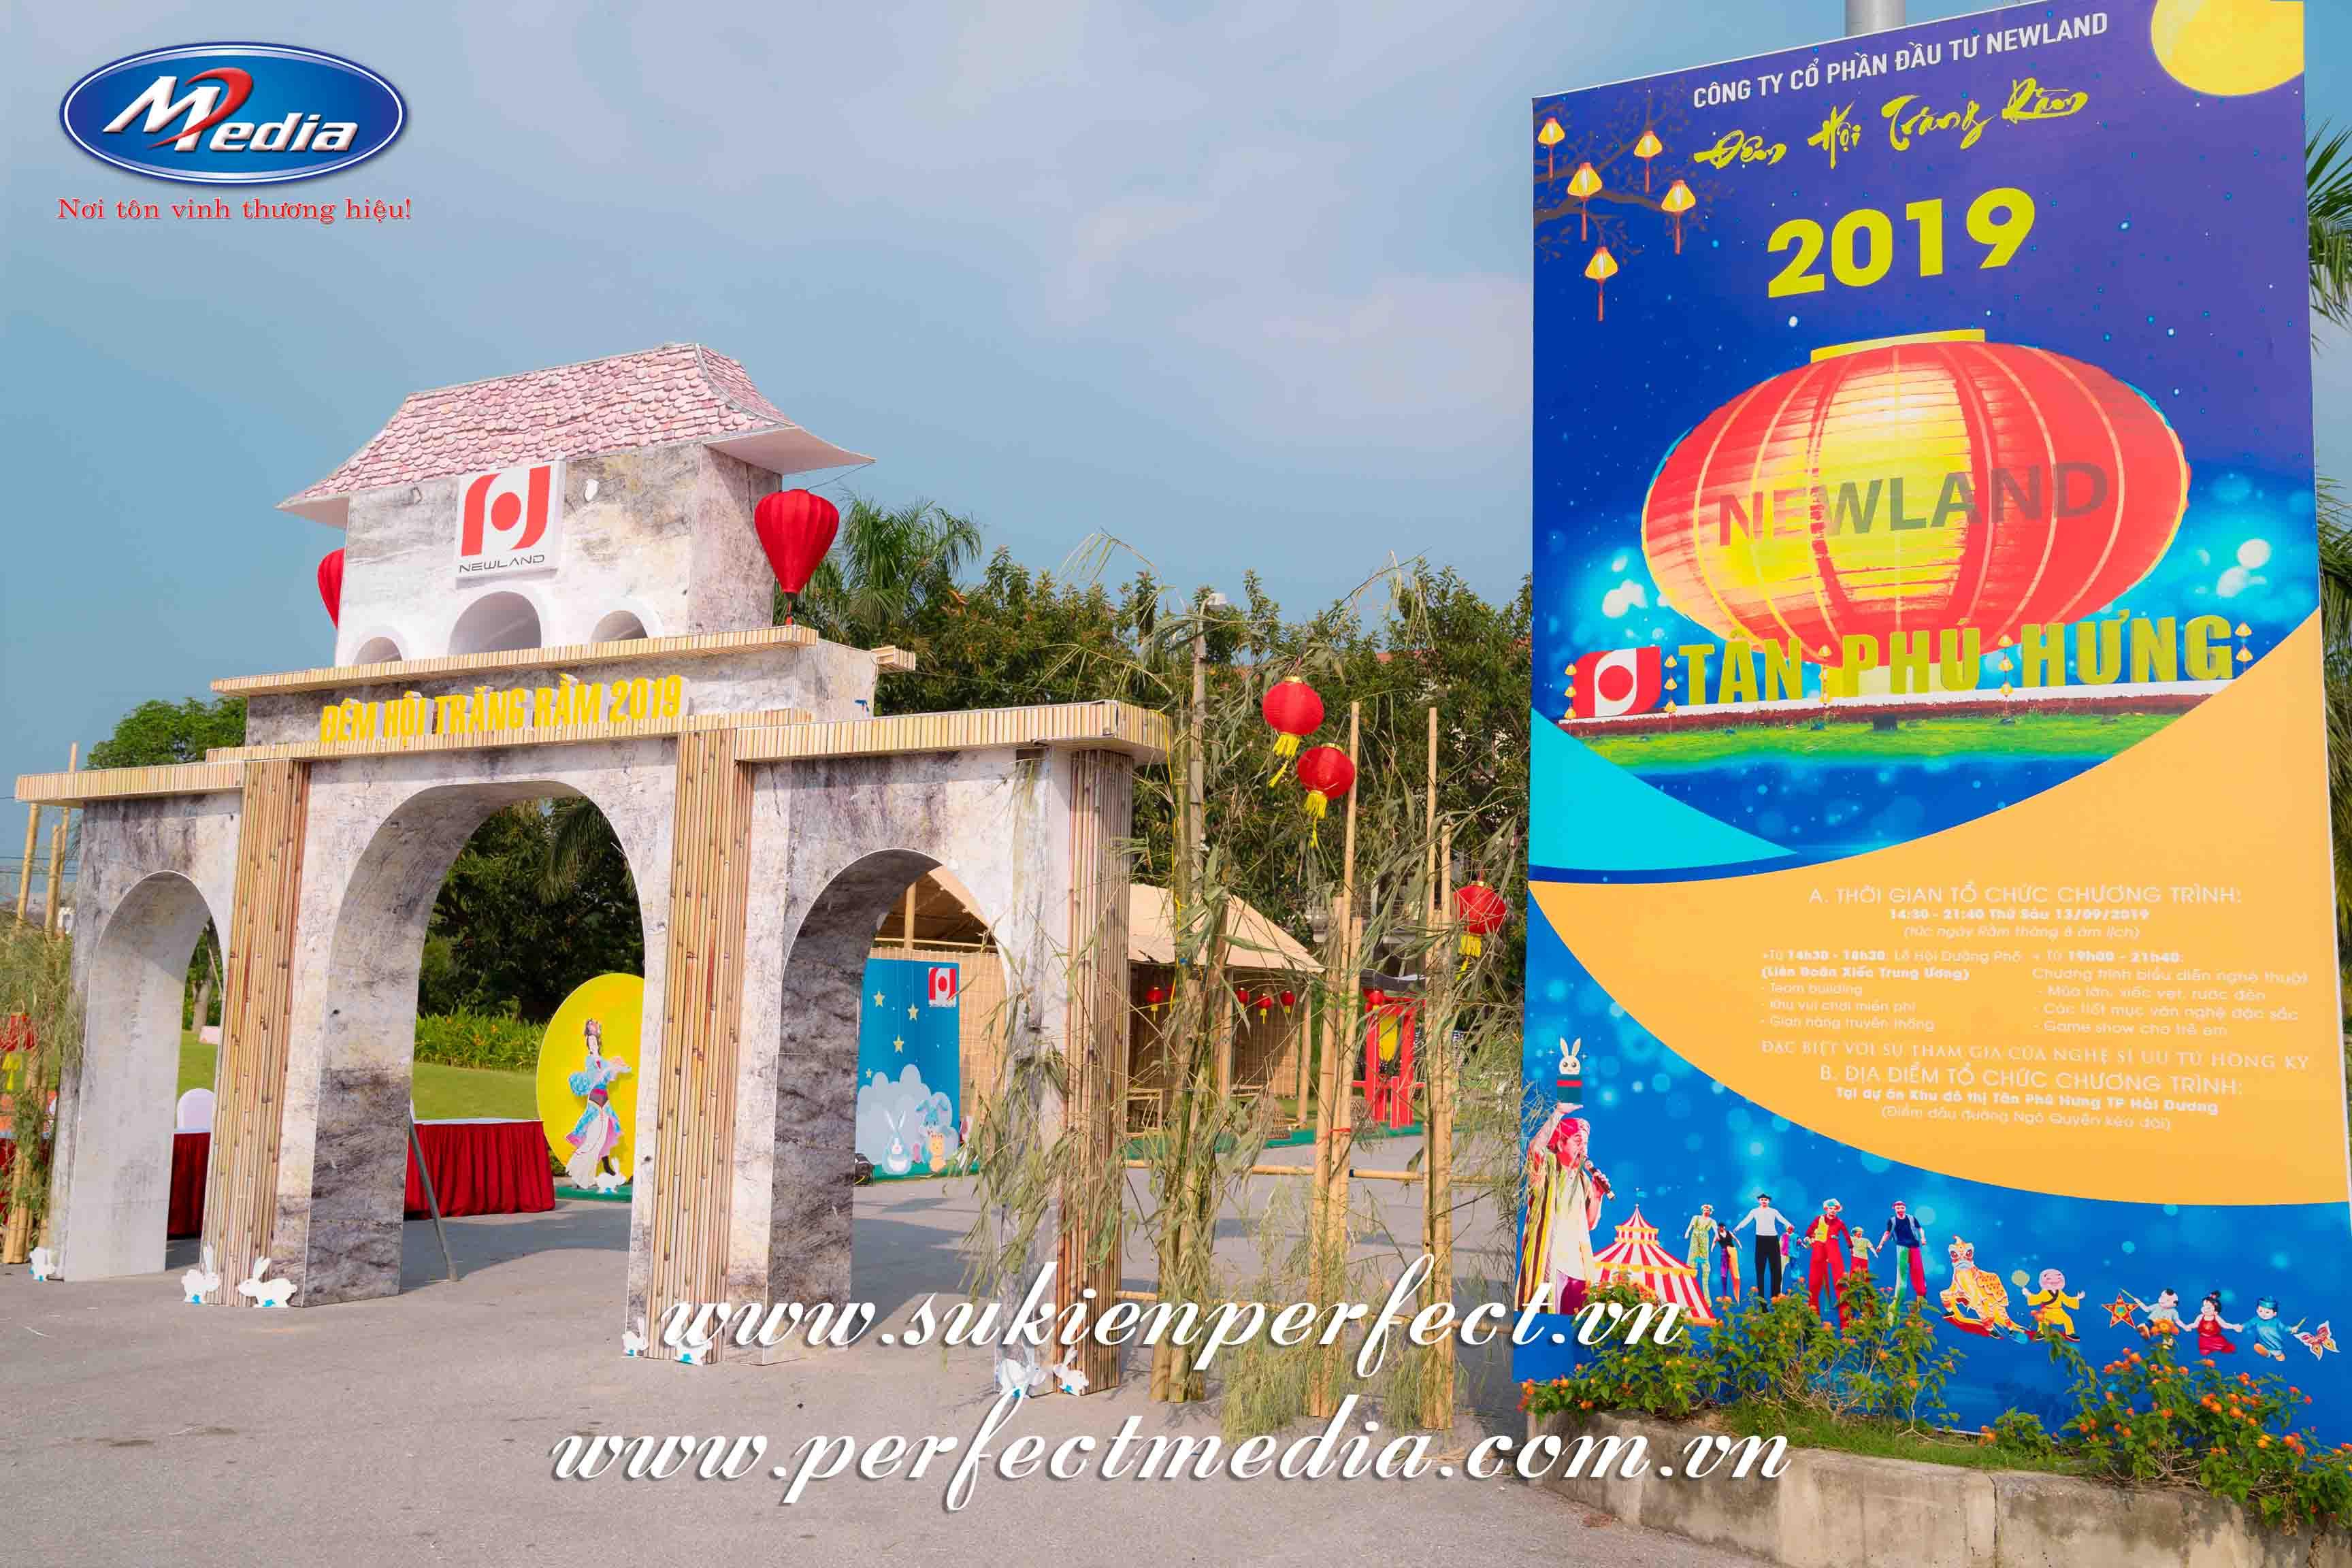 Dịch vụ tổ chức lễ kỷ niệm, tri ân tại Thái Bình